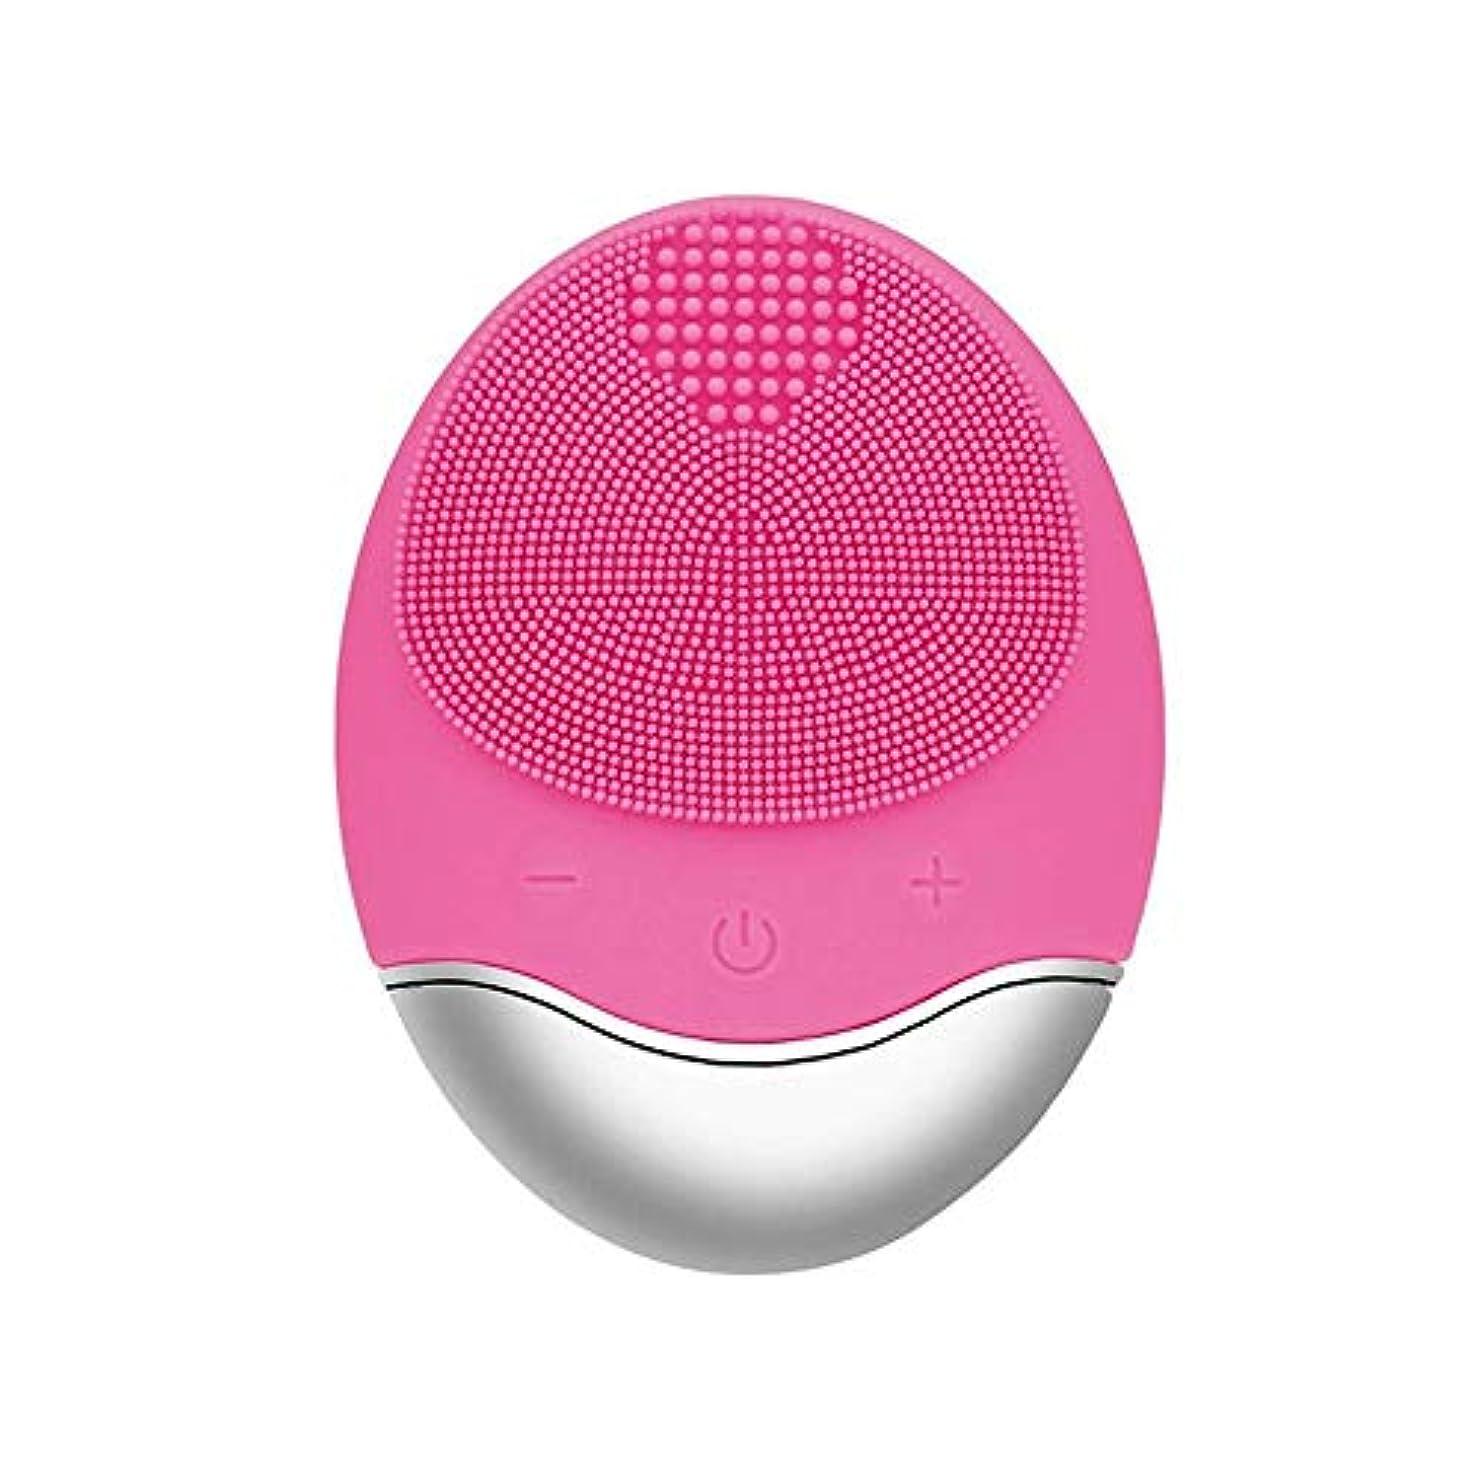 魂句胴体ZXF 新しい竹炭クレンジング楽器クレンジングポア充電式電気シリコーンにきびクレンジング楽器ピンク 滑らかである